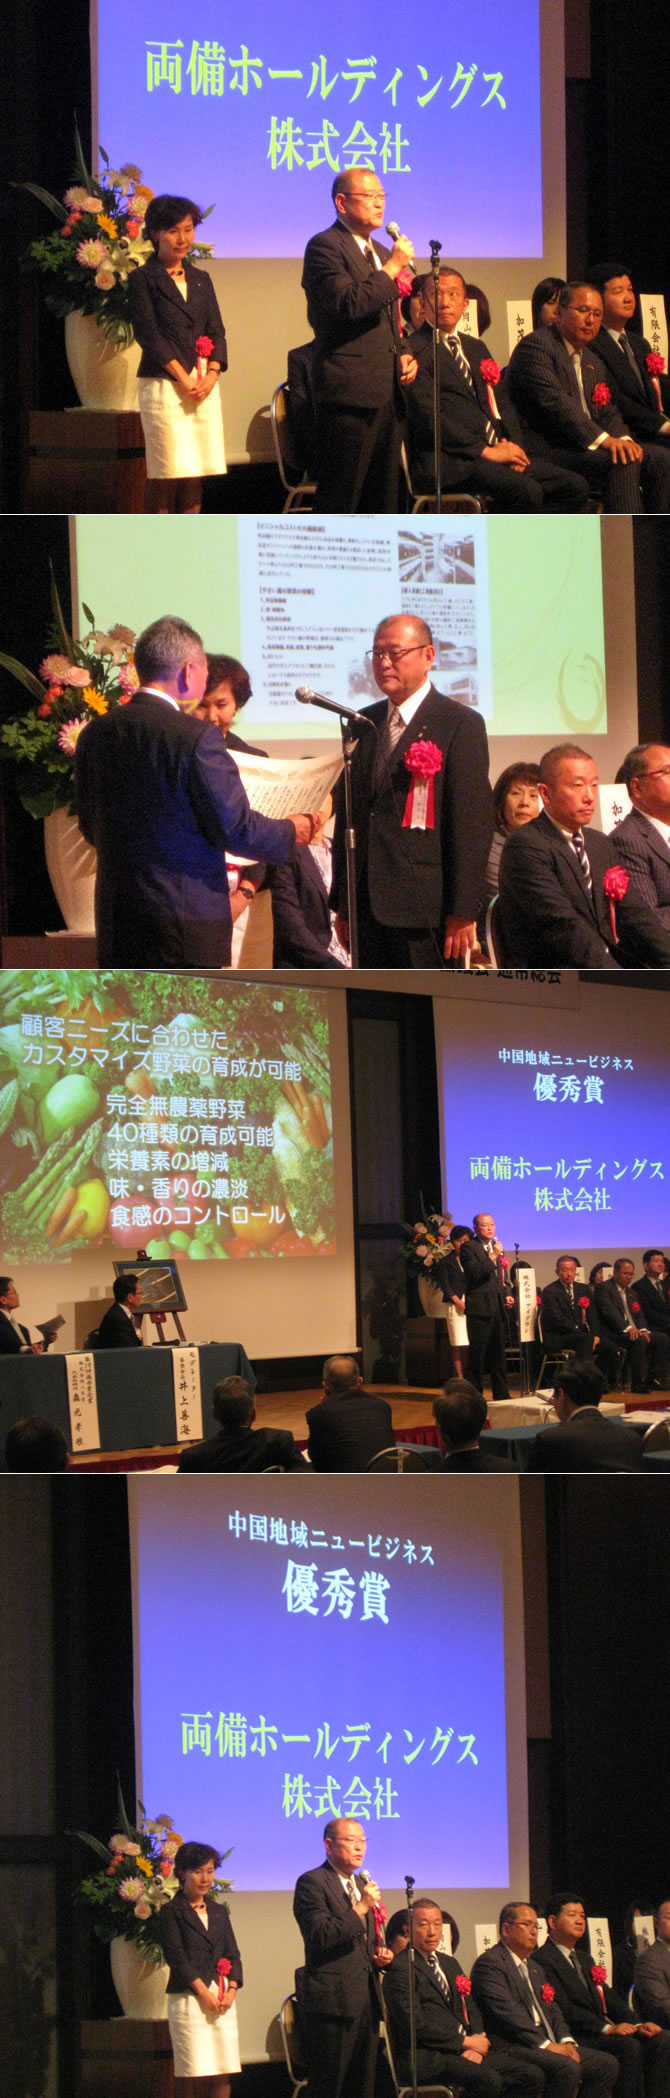 第20回中国地域ニュービジネス大賞授賞式